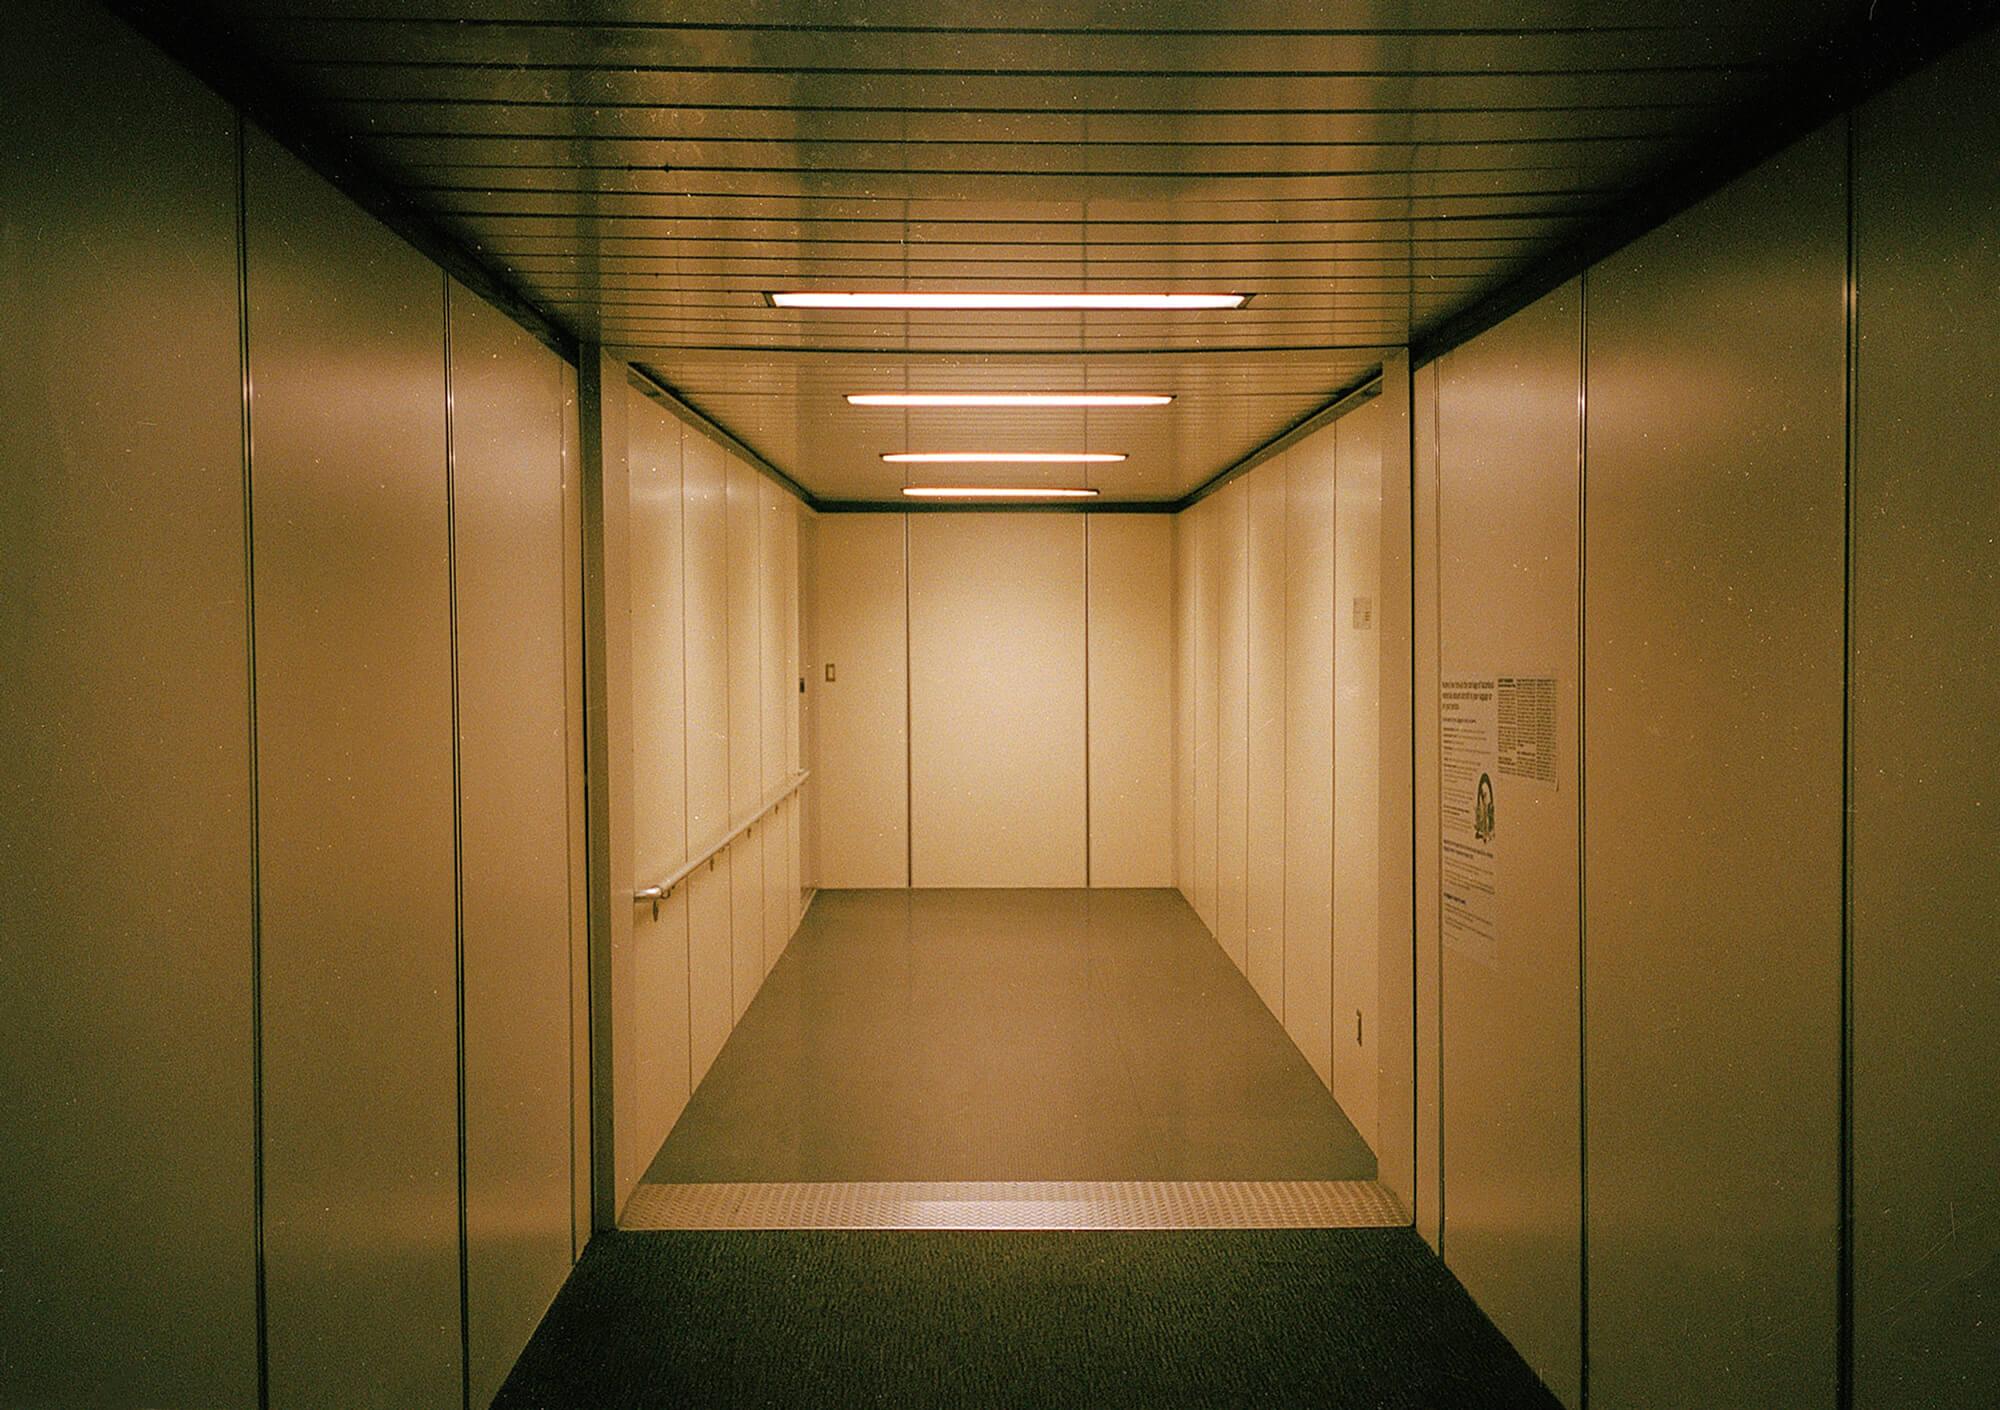 Dan Morgan boarding plane to san Fransisco golden corridor photography the south west collective